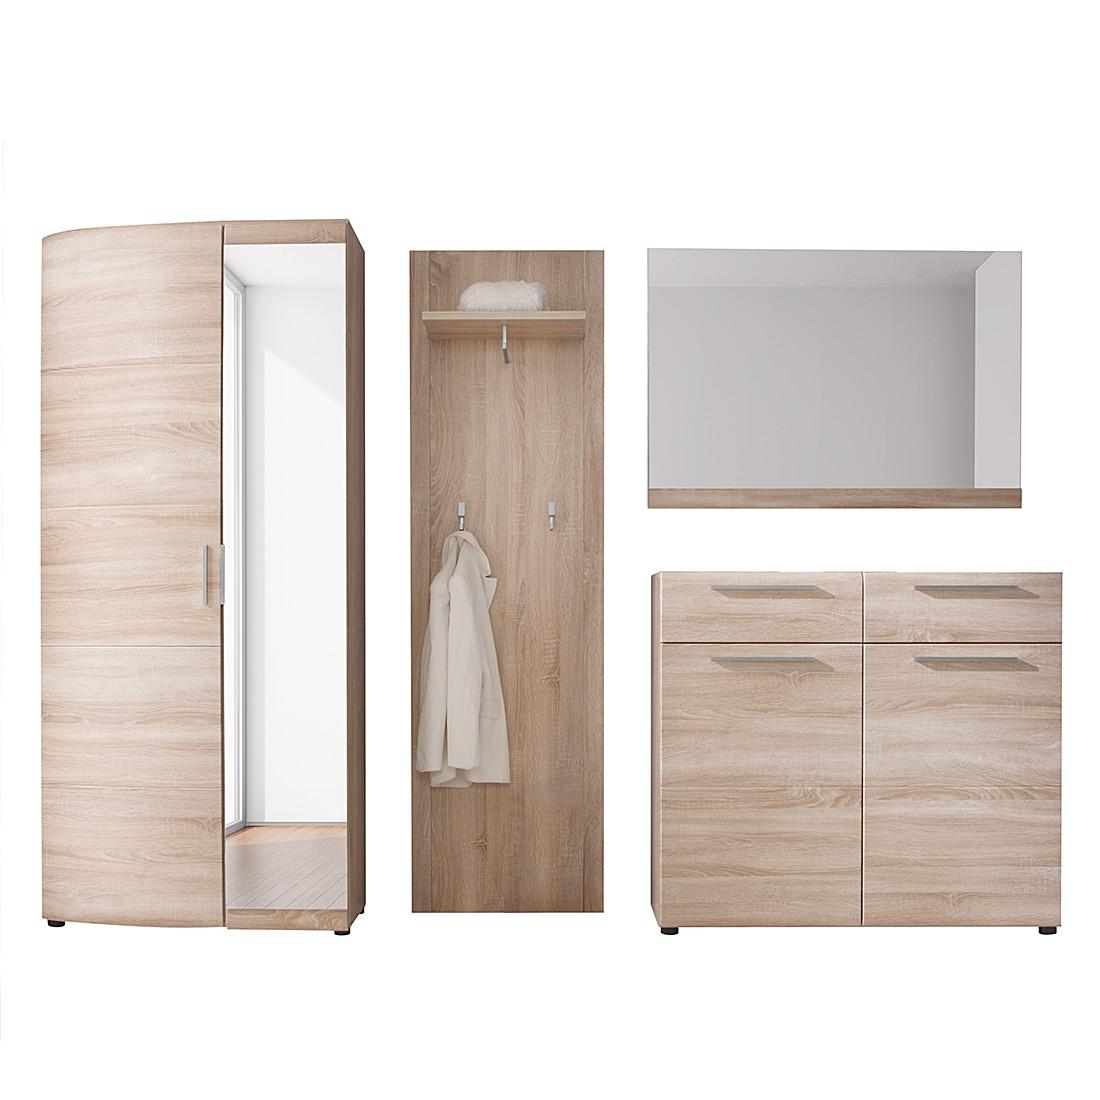 Garderobe savona sl 4 teilig eiche dekor schrank for Breite garderobe